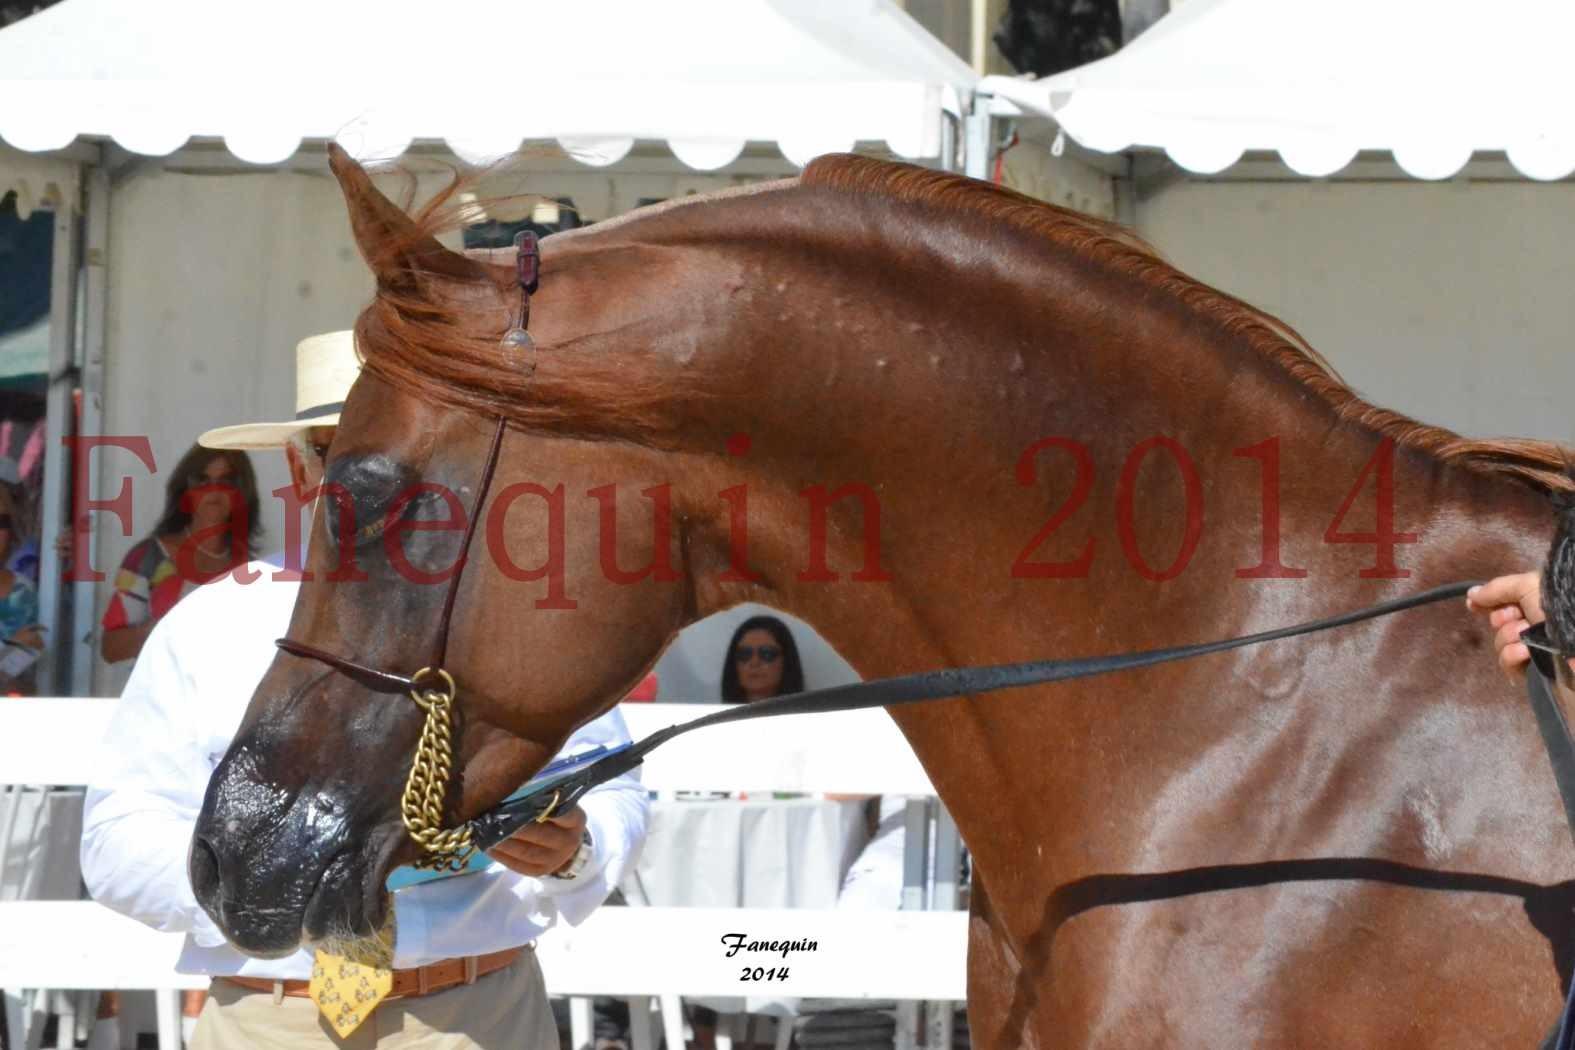 Concours National de Nîmes de chevaux ARABES 2014 - Notre Sélection - Portraits - AINHOA LE BASQUE - 1